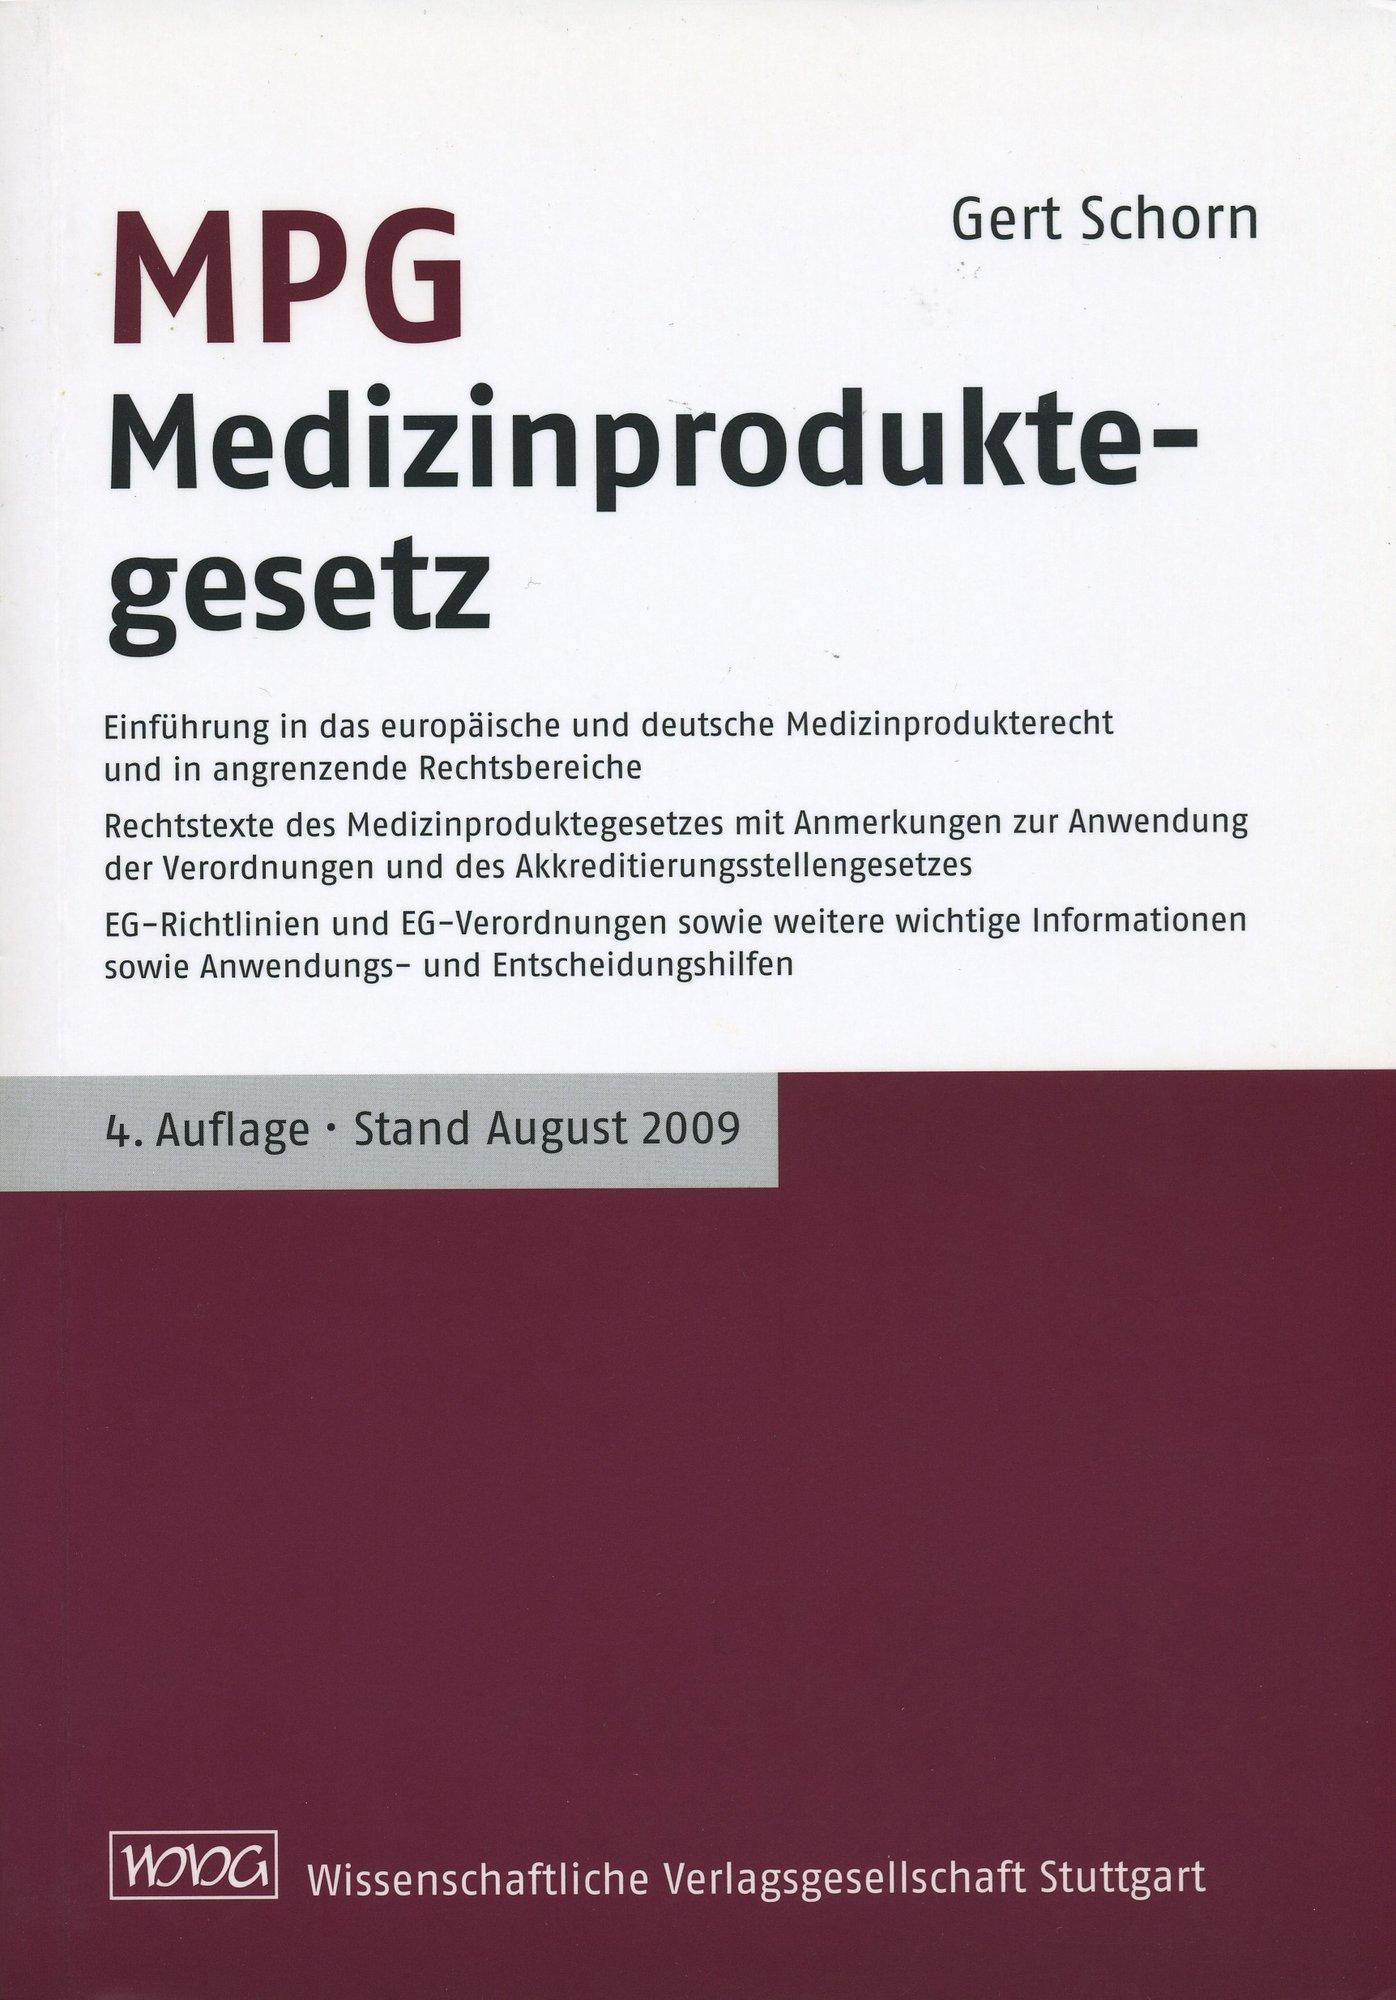 MPG-Medizinproduktegesetz-Gert-Schorn